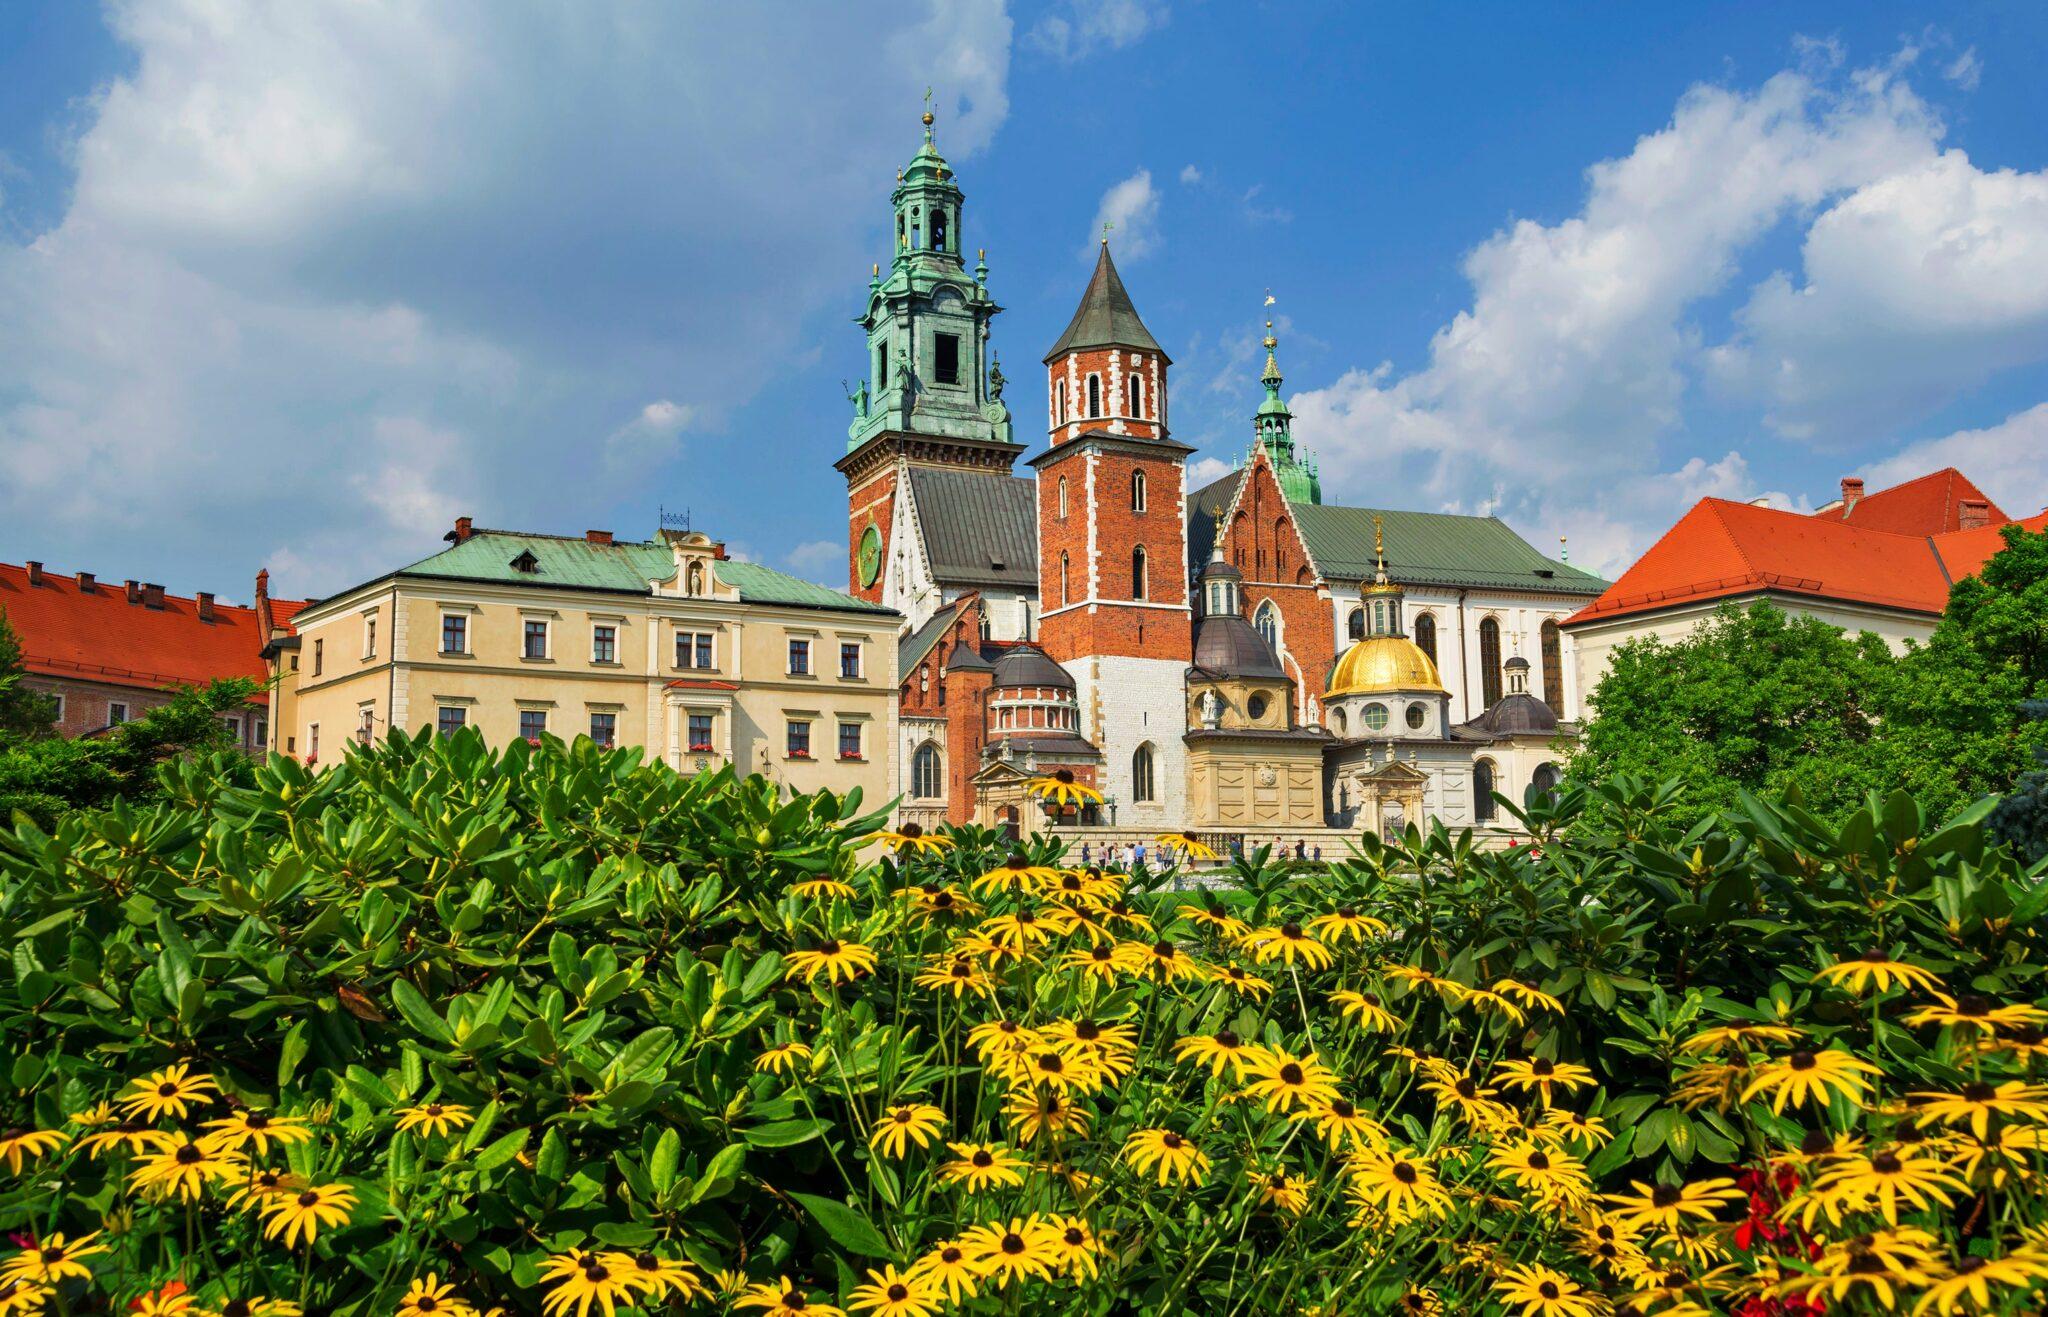 Weekendje weg: waarom niet naar Krakau?